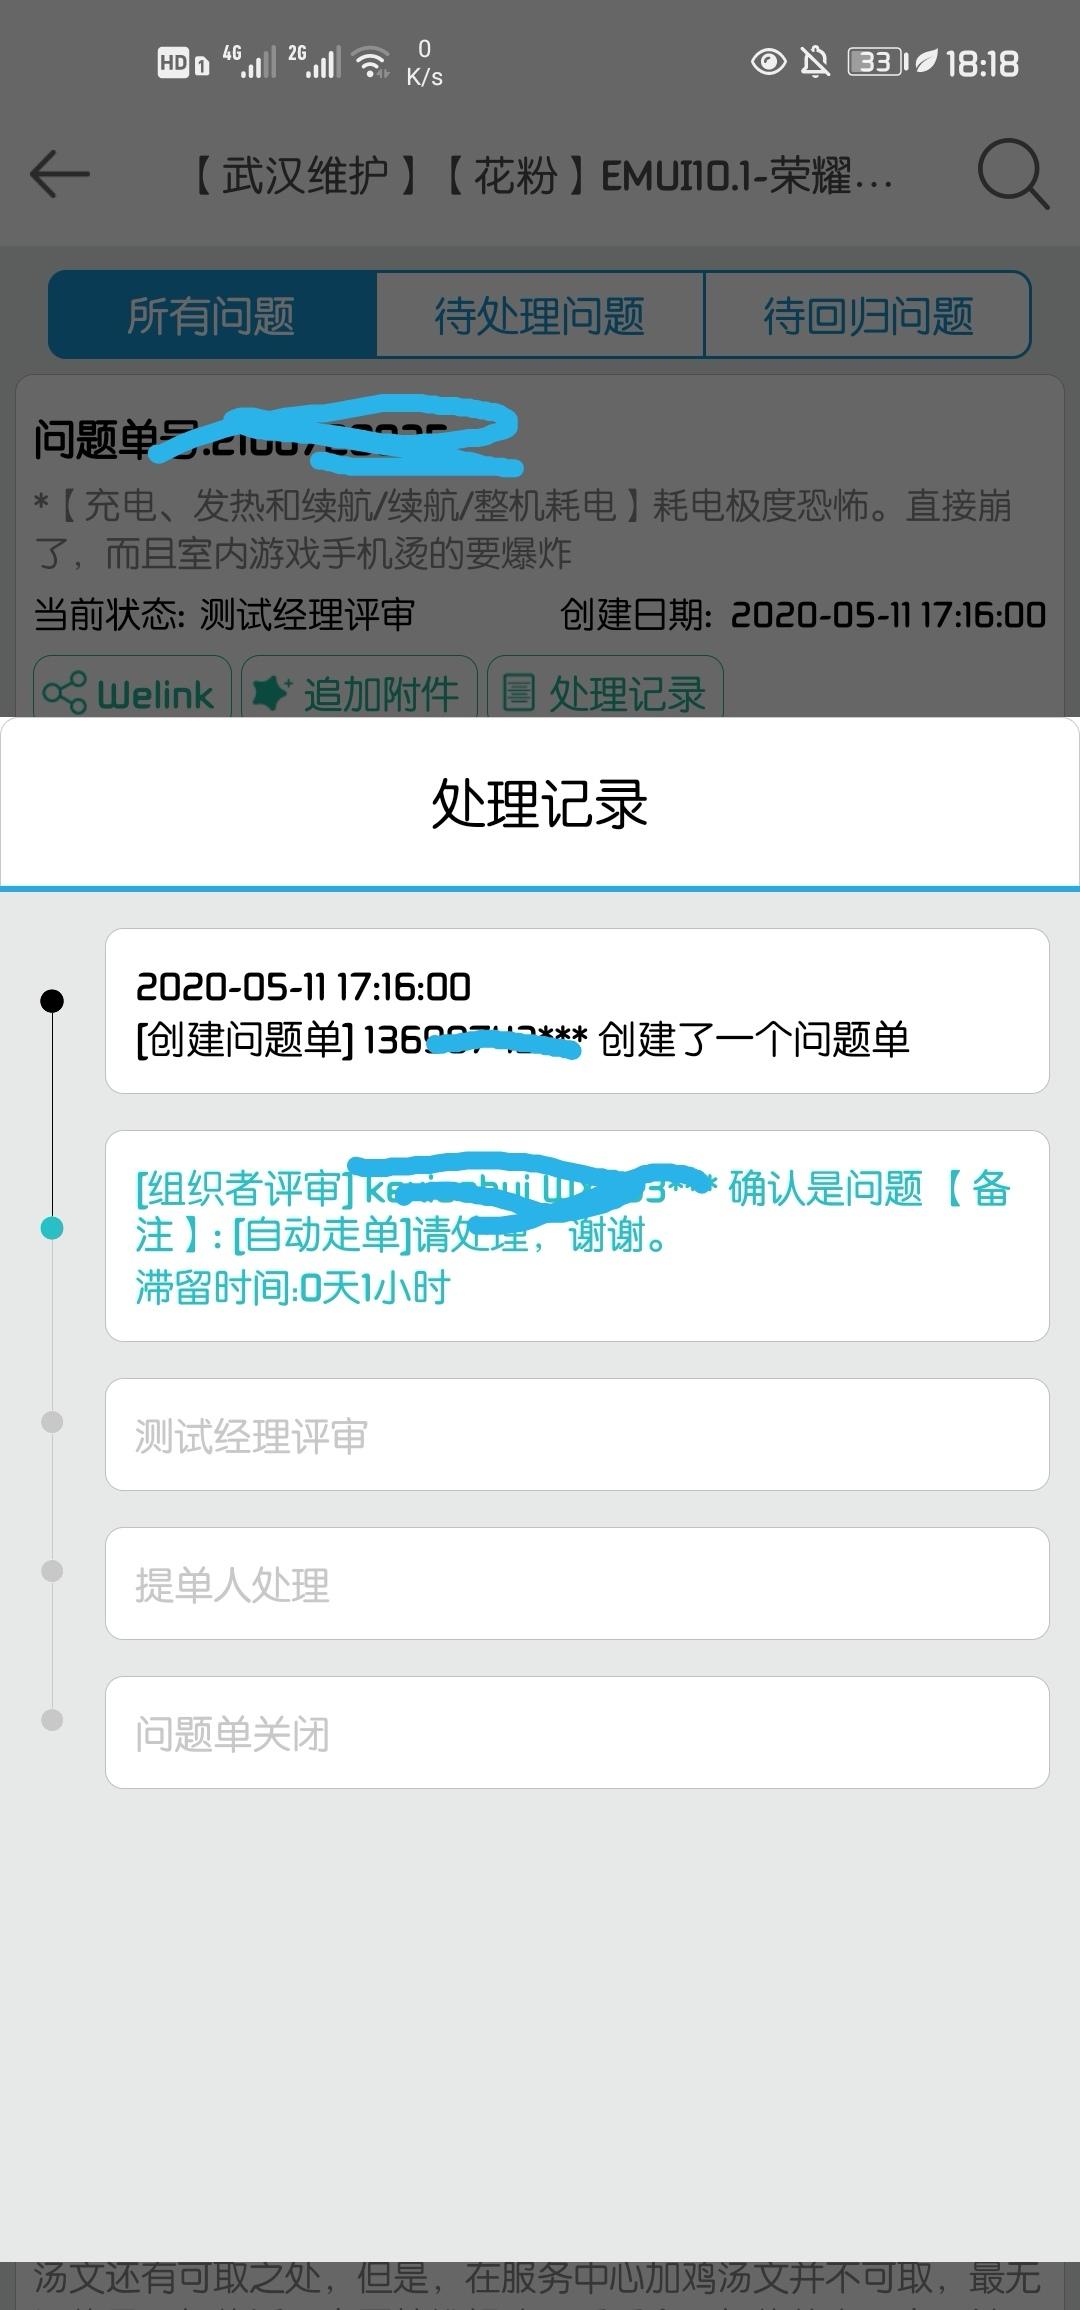 Screenshot_20200511_182031.jpg